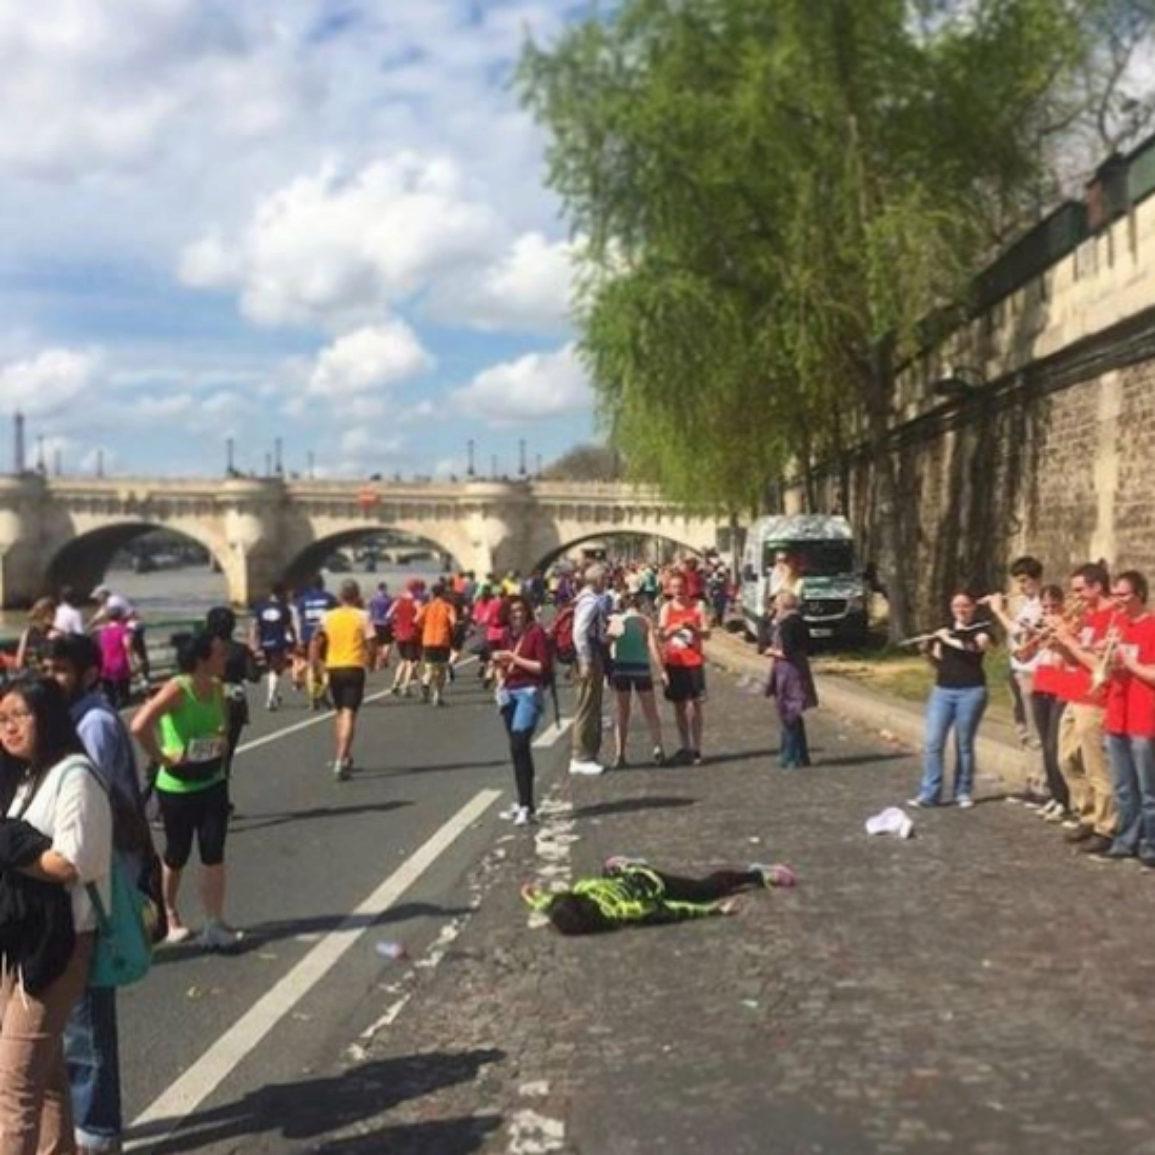 'Stef muere en la Maratón de París'. Junto al río Sena, París.